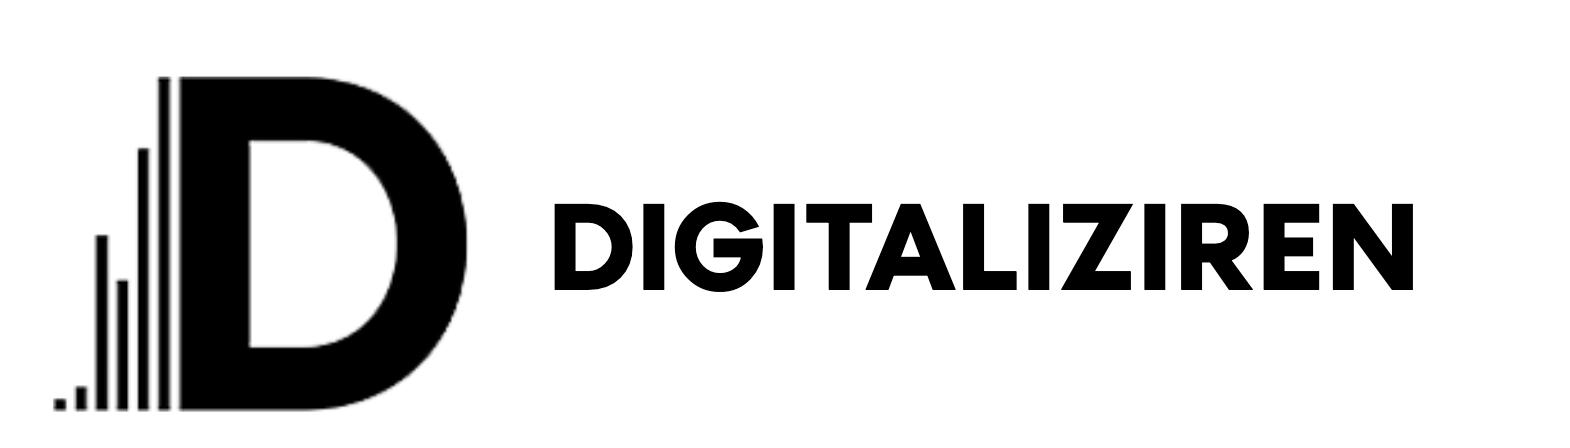 Digitaliziren